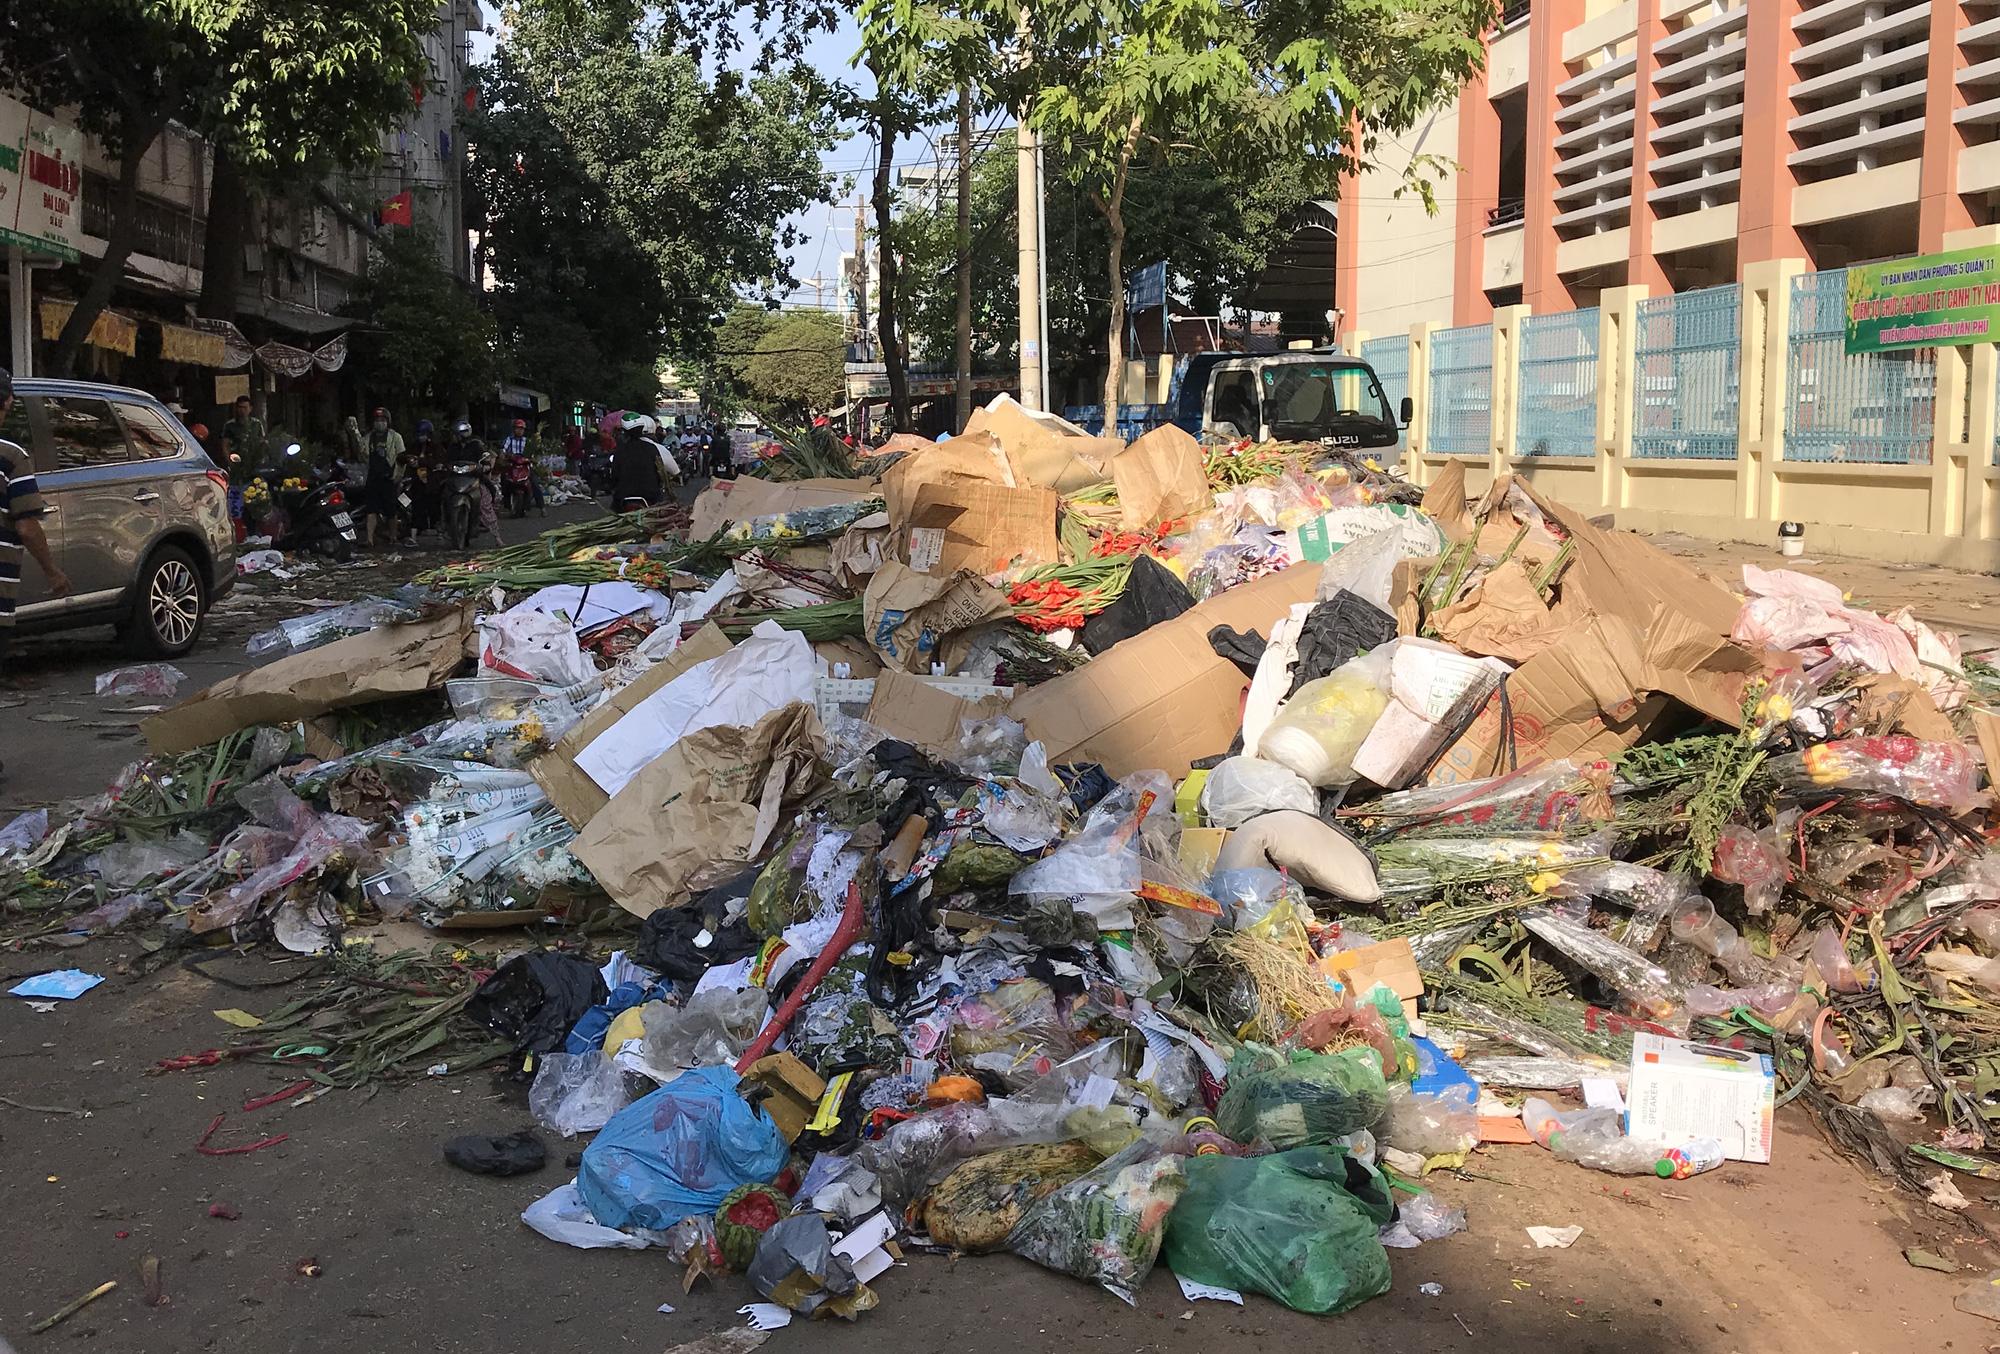 Hoa tươi tại 2 chợ hoa sỉ lớn nhất Sài Gòn chất đống lên xe rác trưa 30 Tết - Ảnh 1.